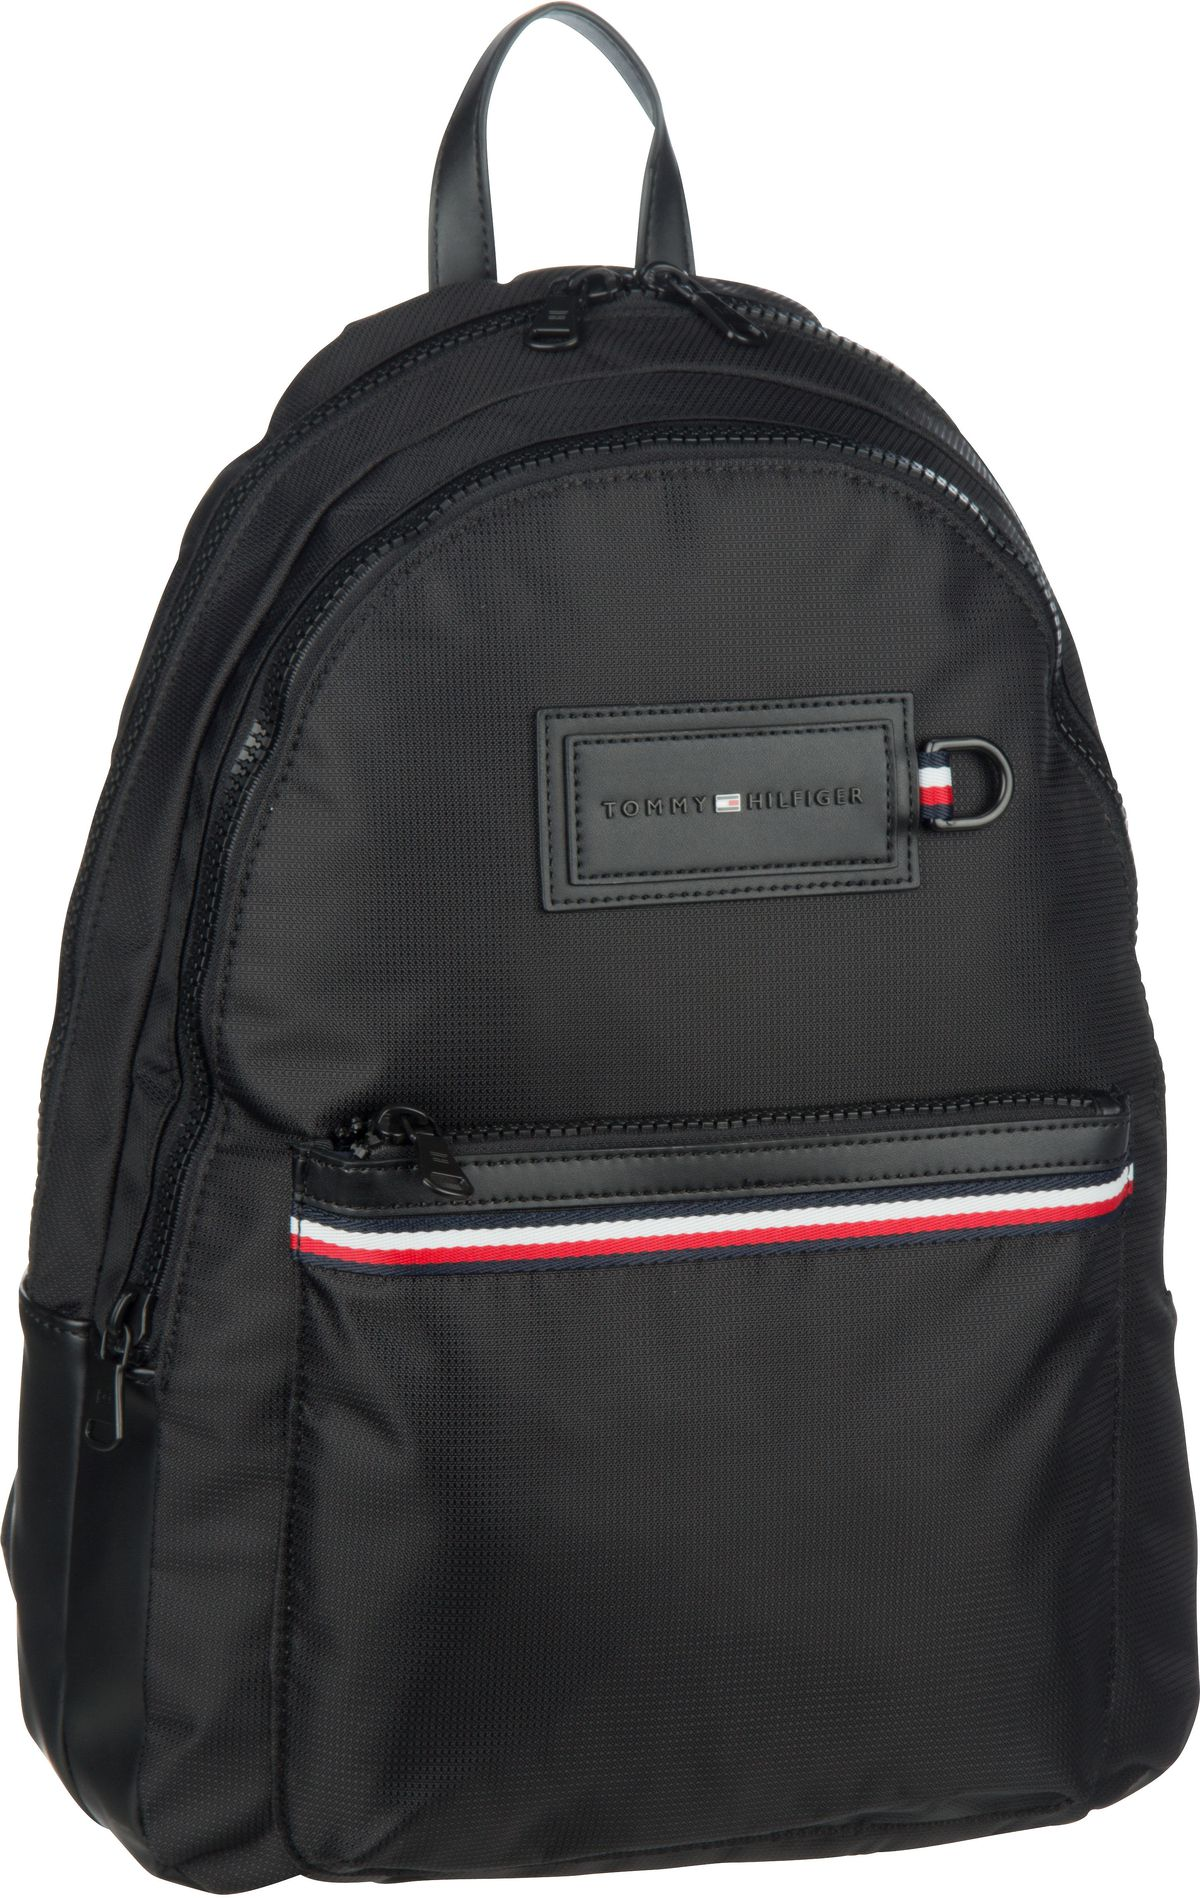 Rucksack / Daypack Modern Nylon Backpack PSP20 Black